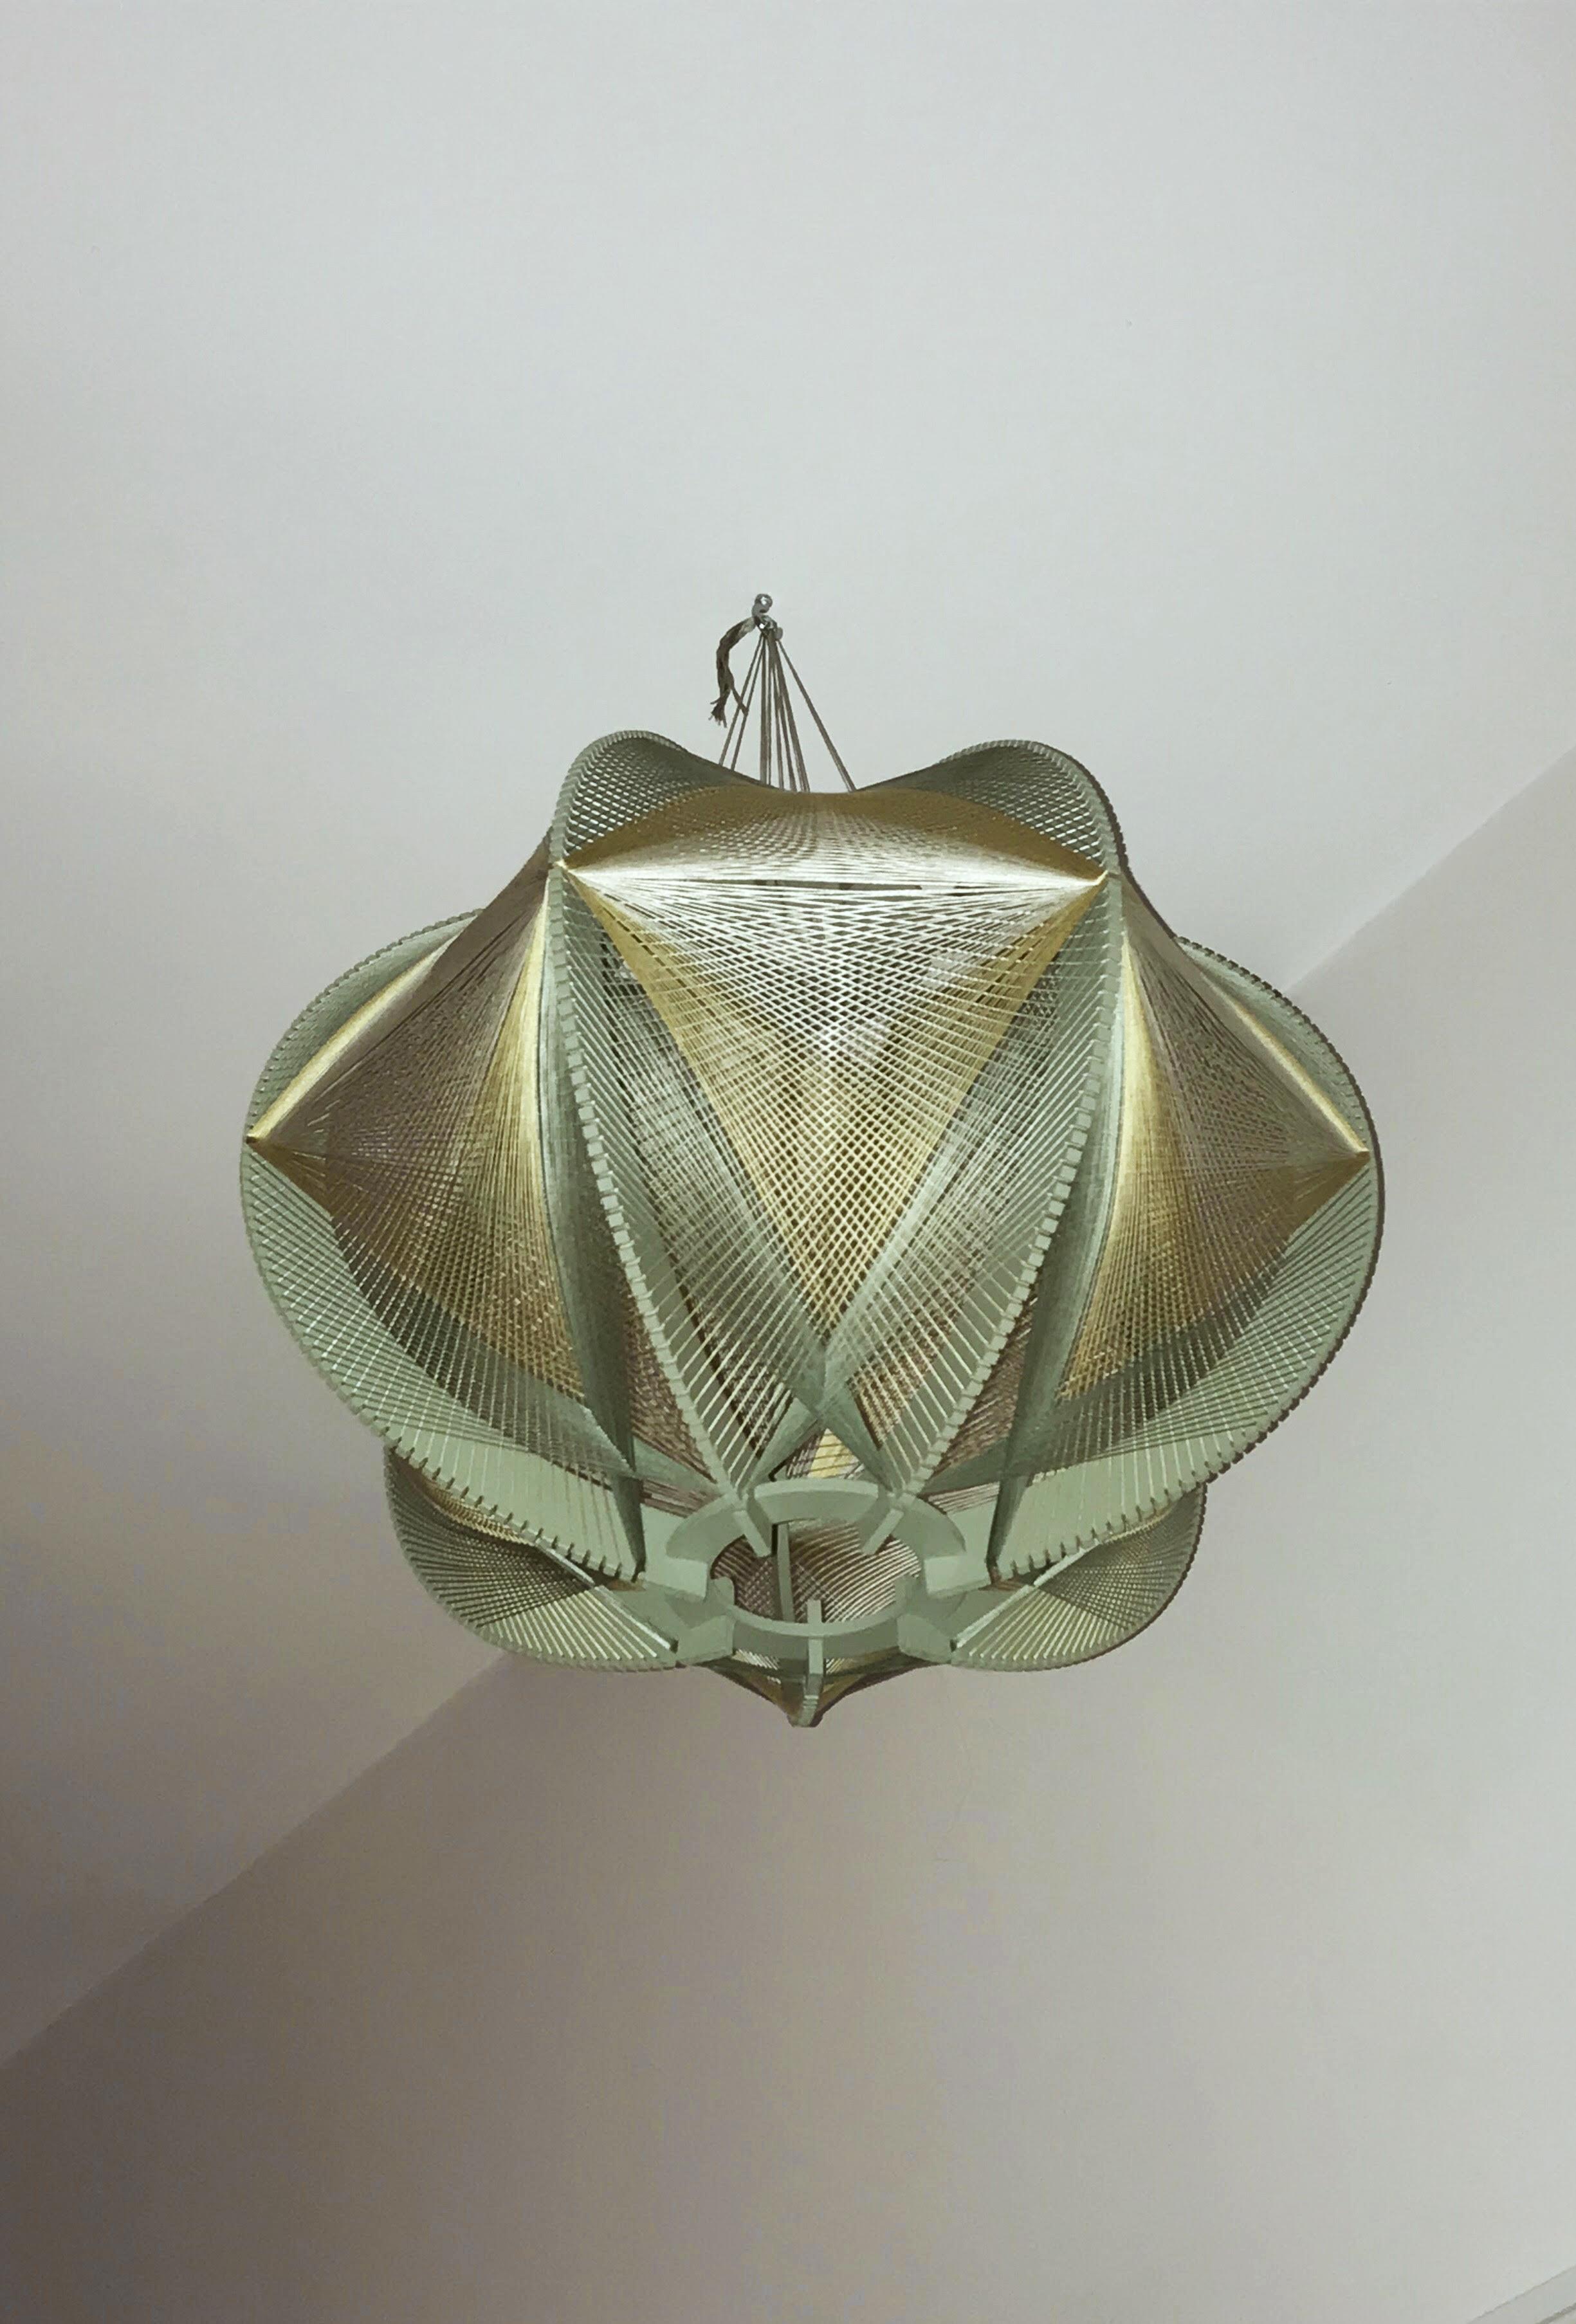 Sputnik ronde #1 - h:40cm / d:55cm - © photo Julie Lansom